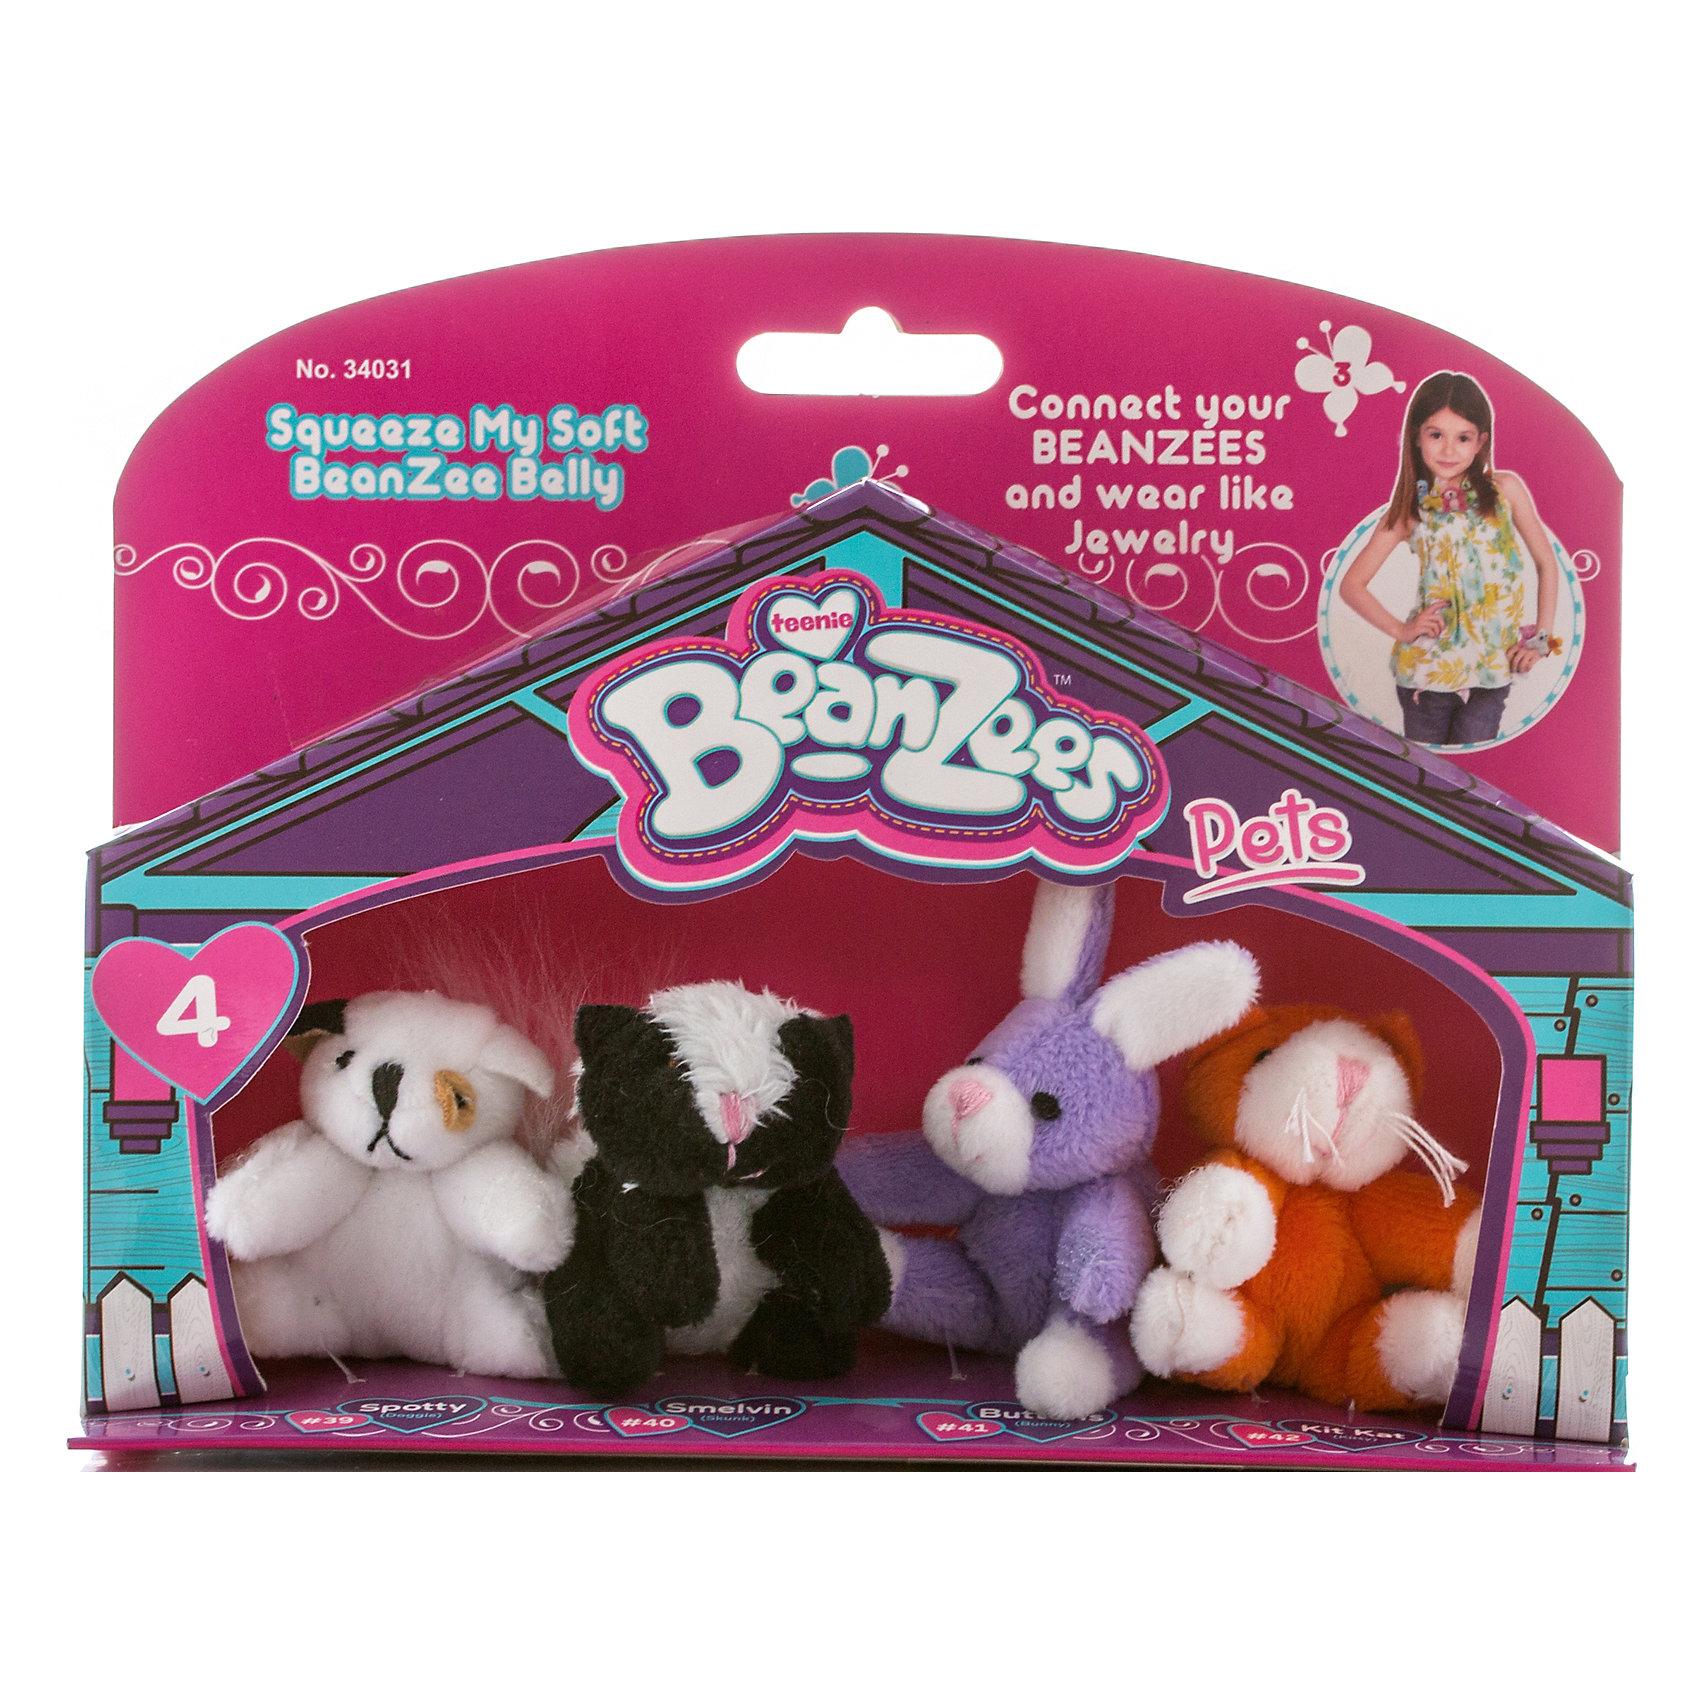 Мини-плюш в наборе Песик, Скунс, Кролик, Котик, BeanzeezЗвери и птицы<br>Характеристики товара:<br><br>- цвет: разноцветный;<br>- материал: текстиль;<br>- комплектация: 4 фигурки животных;<br>- особенности: наличие на лапках липучек, игрушку можно соединять с другими героями из серии;<br>- живот заполнен гранулами;<br>- размер упаковки: 5х15х19 см;<br>- упаковка: блистер;<br>- вес: 100 г.<br><br>Такая симпатичная игрушка не оставит ребенка равнодушным! Какой малыш откажется поиграть с маленькими плюшевыми игрушками из большой пушистой коллекции?! Игрушки очень качественно выполнены, поэтому такой набор станет отличным подарком ребенку. В наборе идет четыре плюшевых фигурки животных. С ними можно придумать множество сюжетов, разыгрывая которые, ребенок развивает мелкую моторику, воображение и творческое мышление.<br>Изделие произведено из высококачественного материала, безопасного для детей.<br><br>Мини-плюш в наборе Песик, Скунс, Кролик, Котик от бренда Beanzeez можно купить в нашем интернет-магазине.<br><br>Ширина мм: 50<br>Глубина мм: 150<br>Высота мм: 190<br>Вес г: 93<br>Возраст от месяцев: 36<br>Возраст до месяцев: 2147483647<br>Пол: Женский<br>Возраст: Детский<br>SKU: 5039897